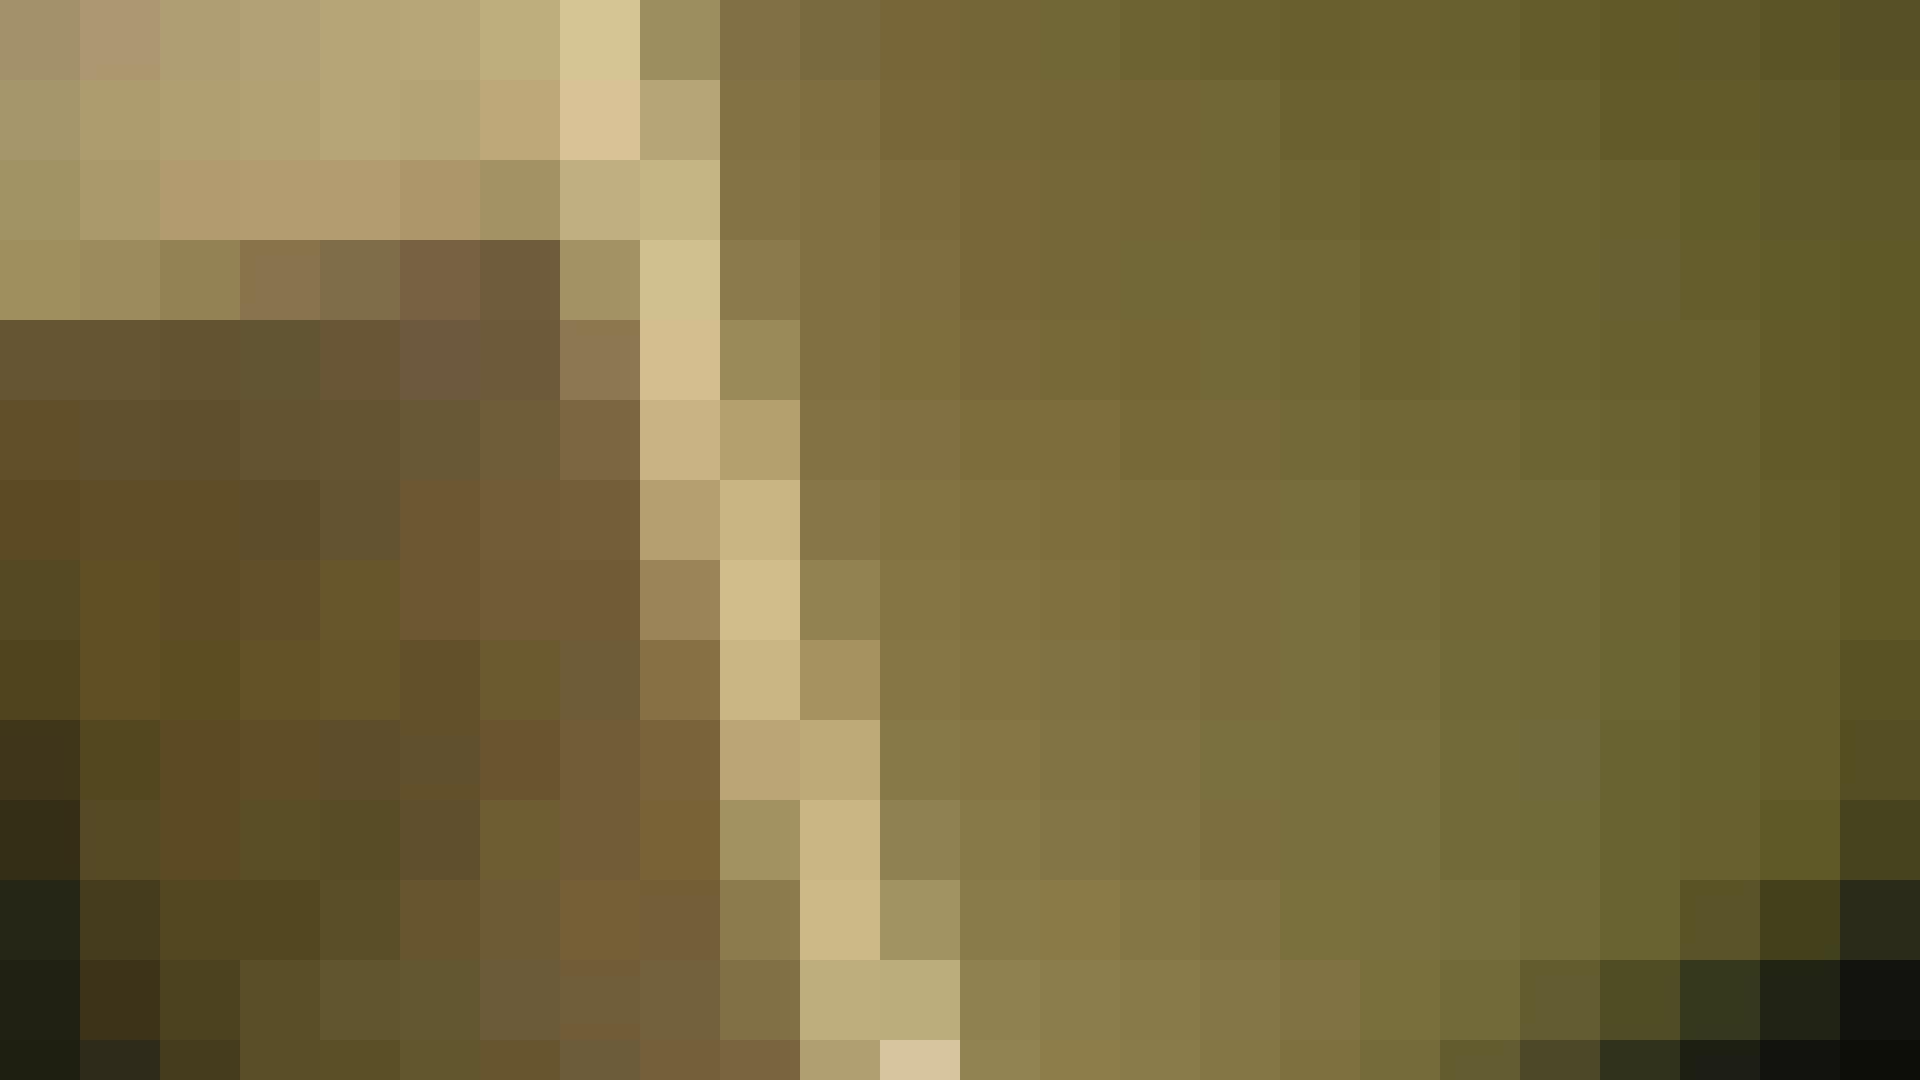 阿国ちゃんの「和式洋式七変化」No.18 iBO(フタコブ) ギャルズ | 和式・女子用  98画像 79